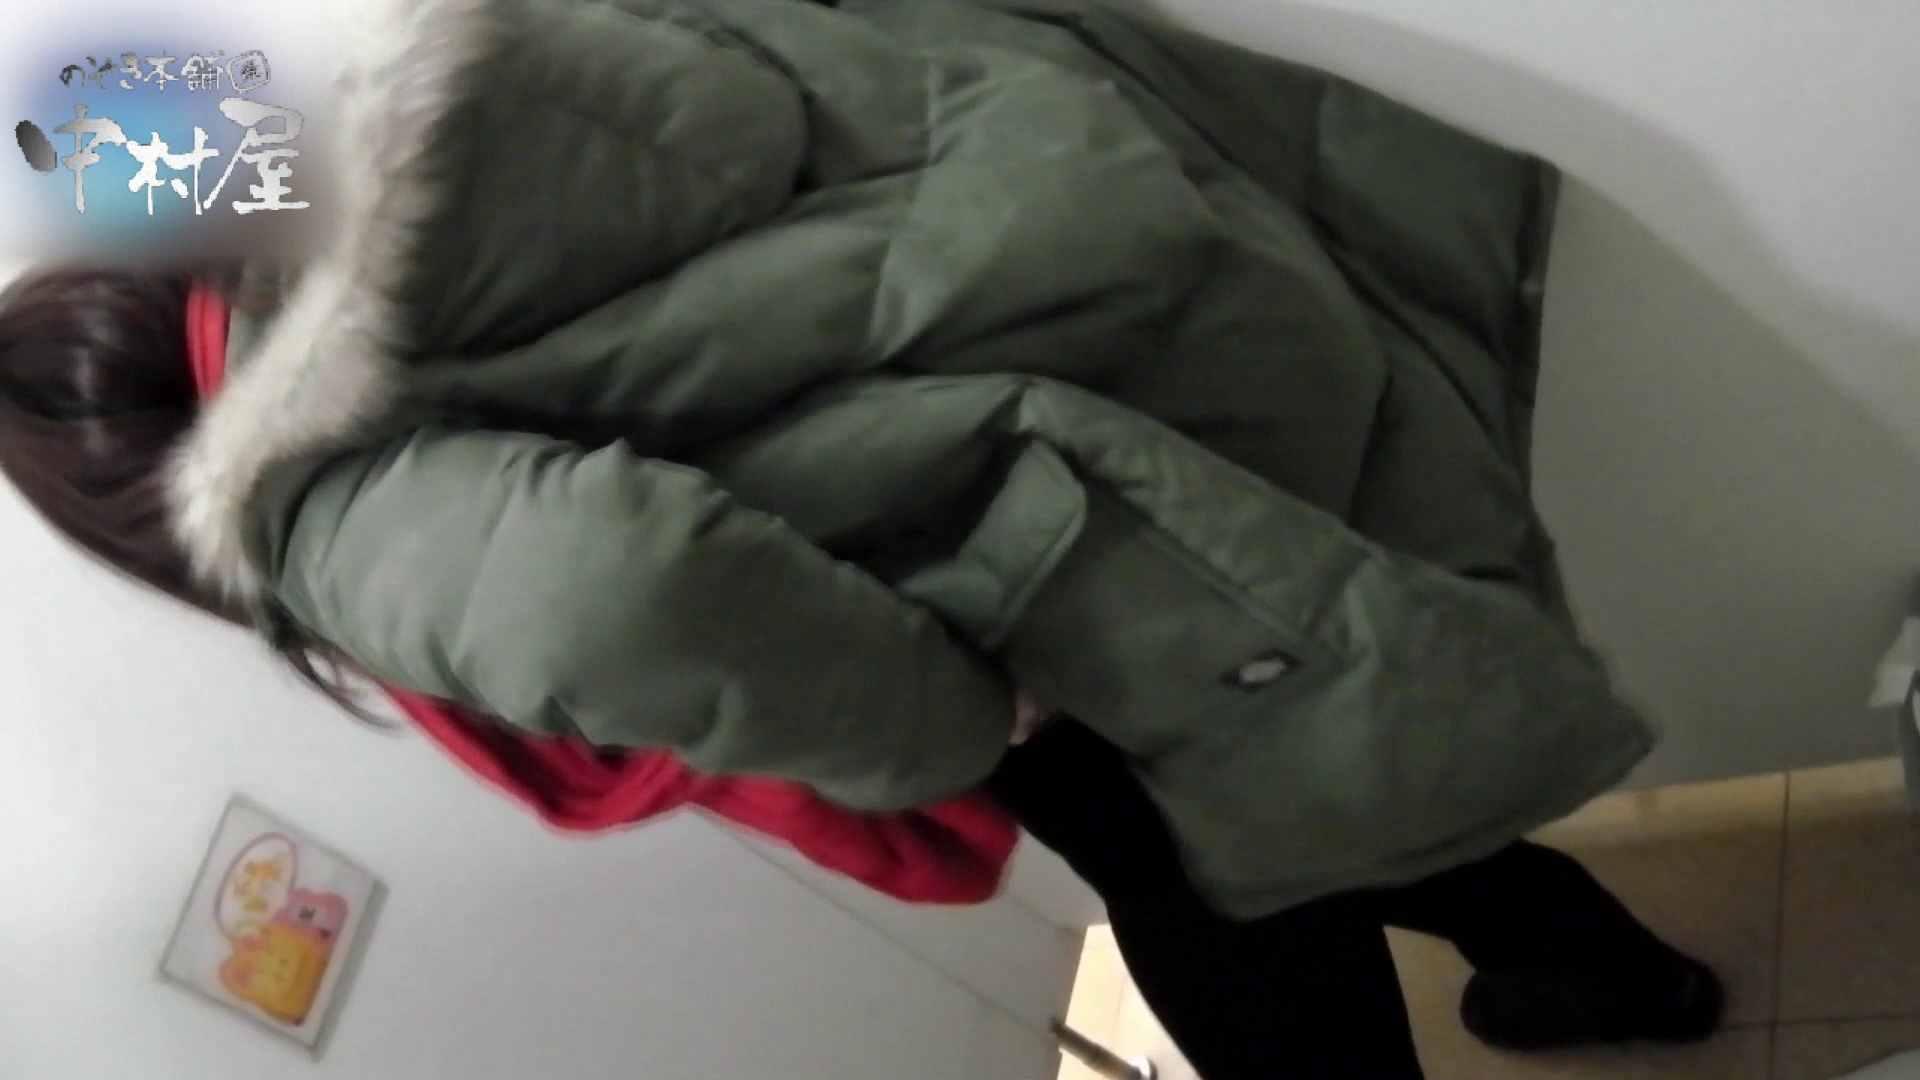 乙女集まる!ショッピングモール潜入撮vol.12 潜入 オマンコ無修正動画無料 89枚 2